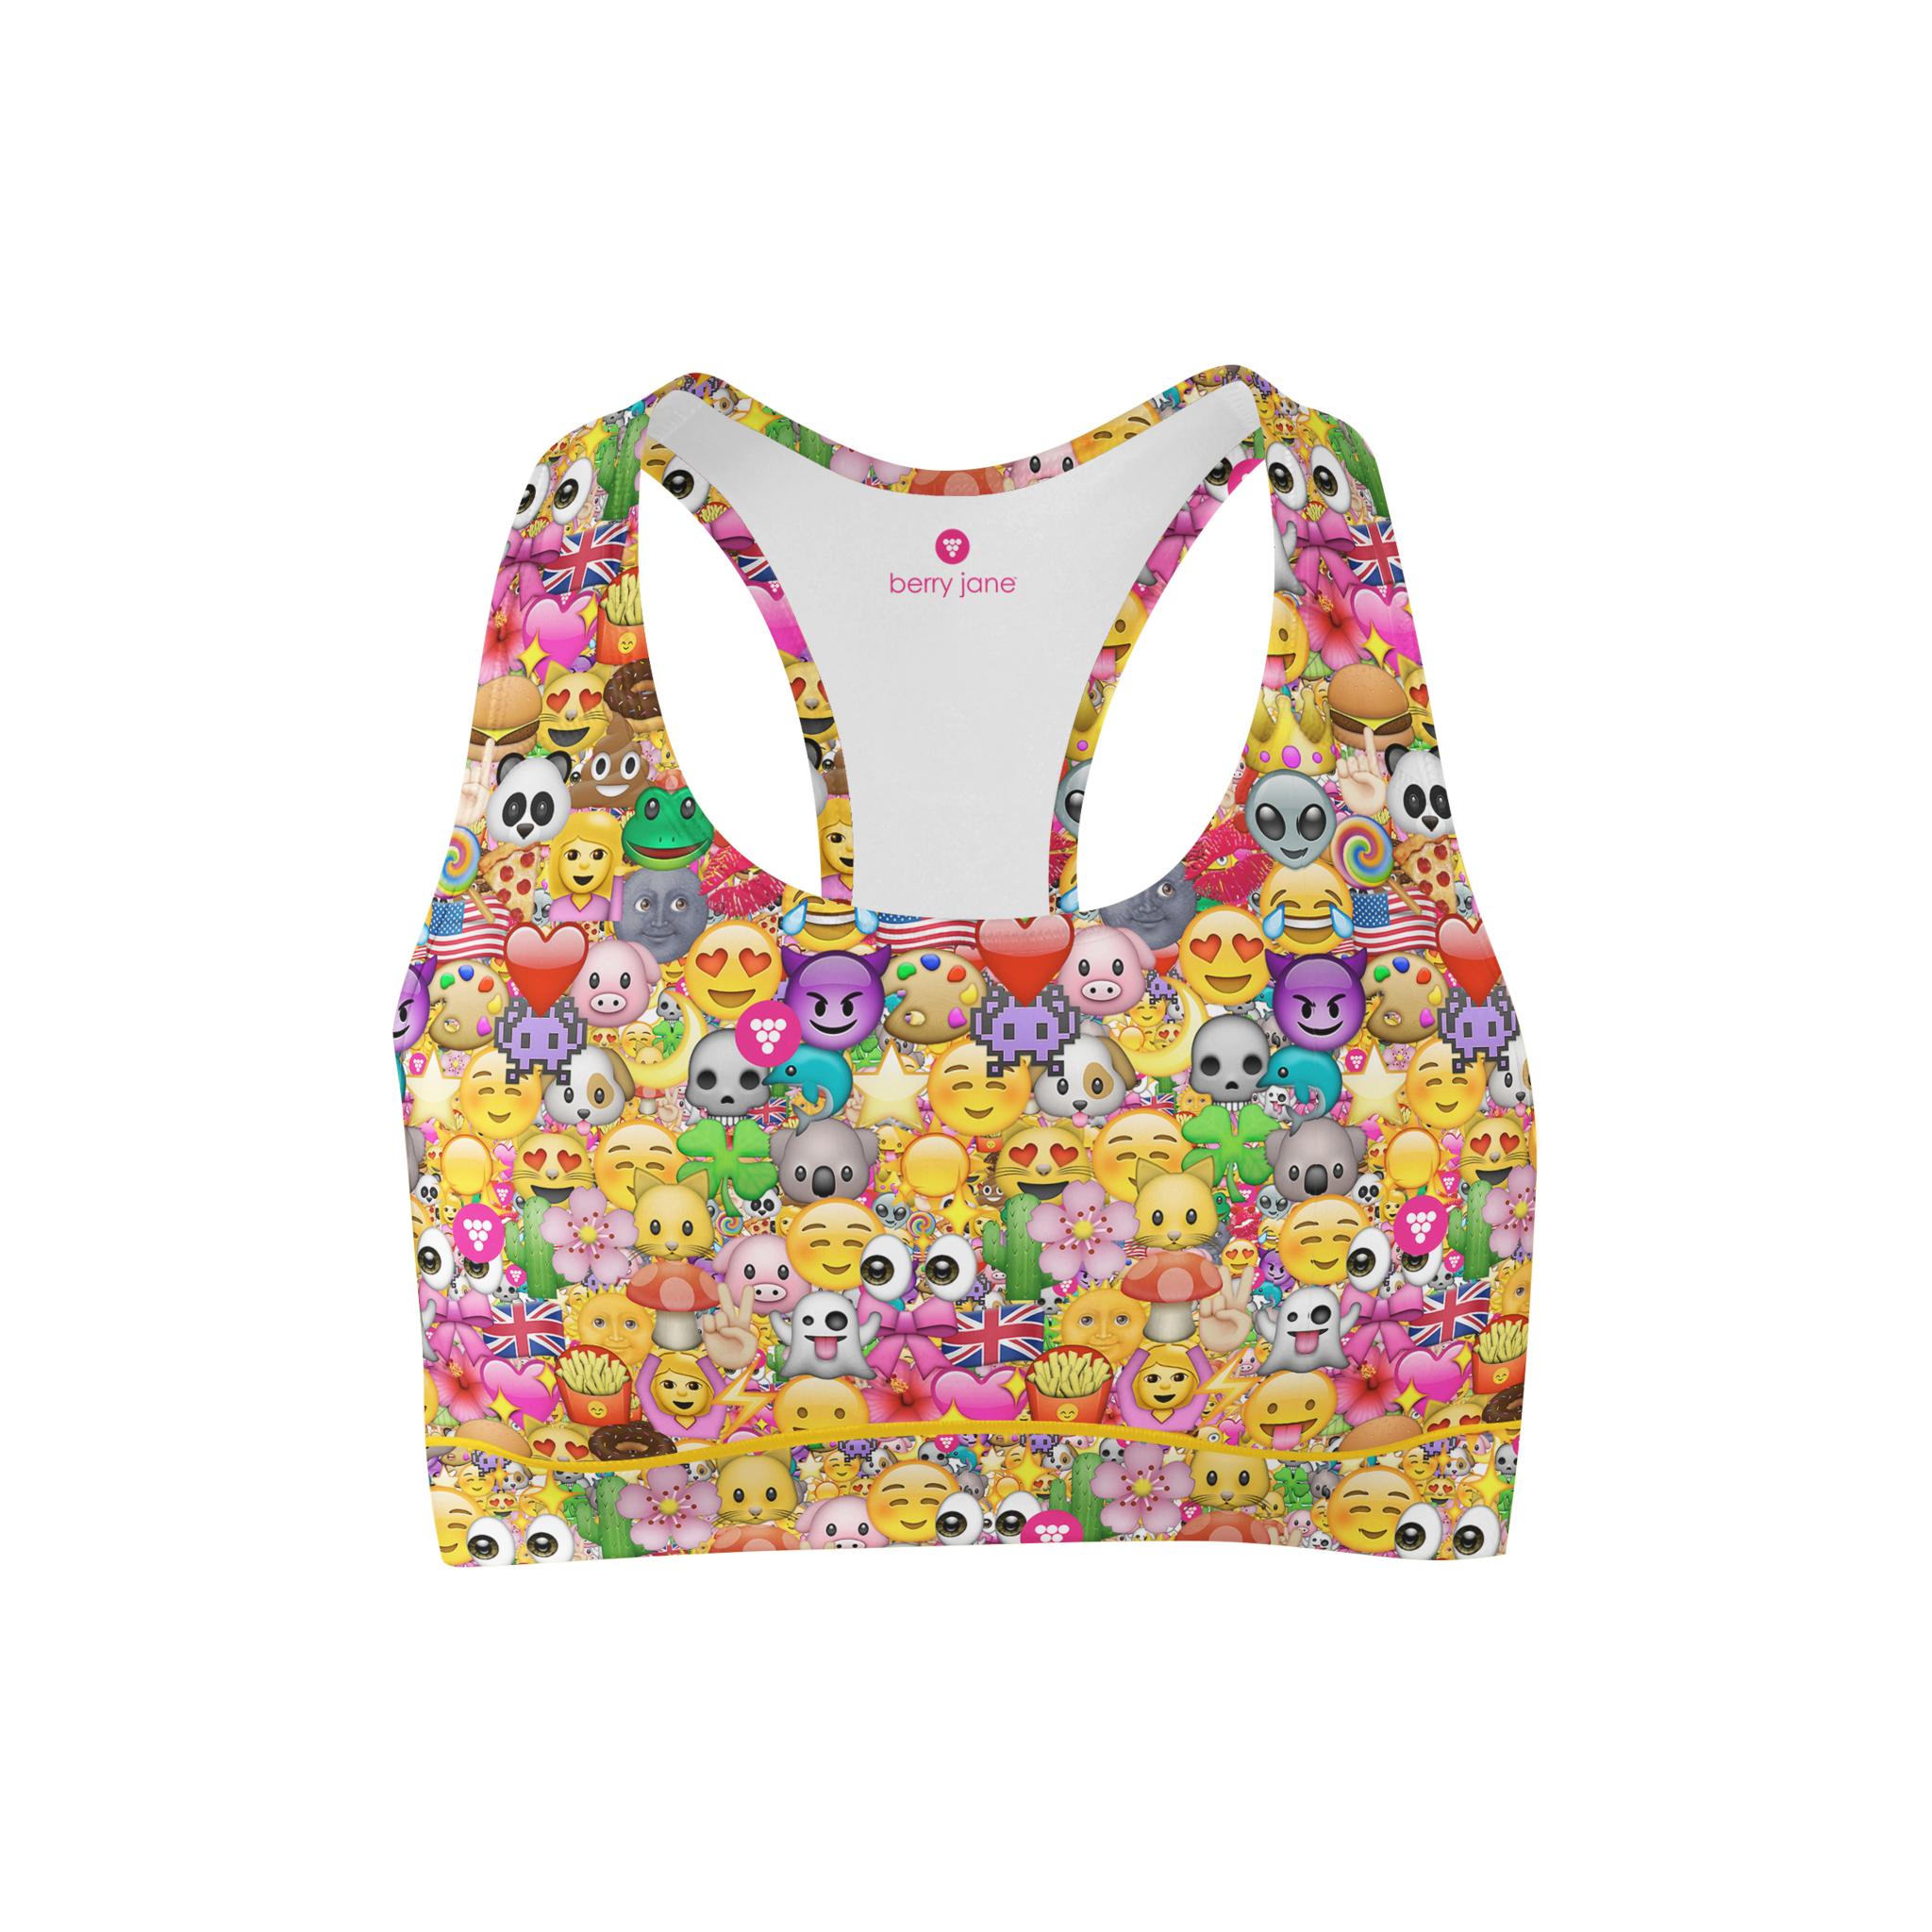 8f8f352c829b4 Emojis printed sports bra emoji pinterest bra emoji png 2048x2048 Emoji bra